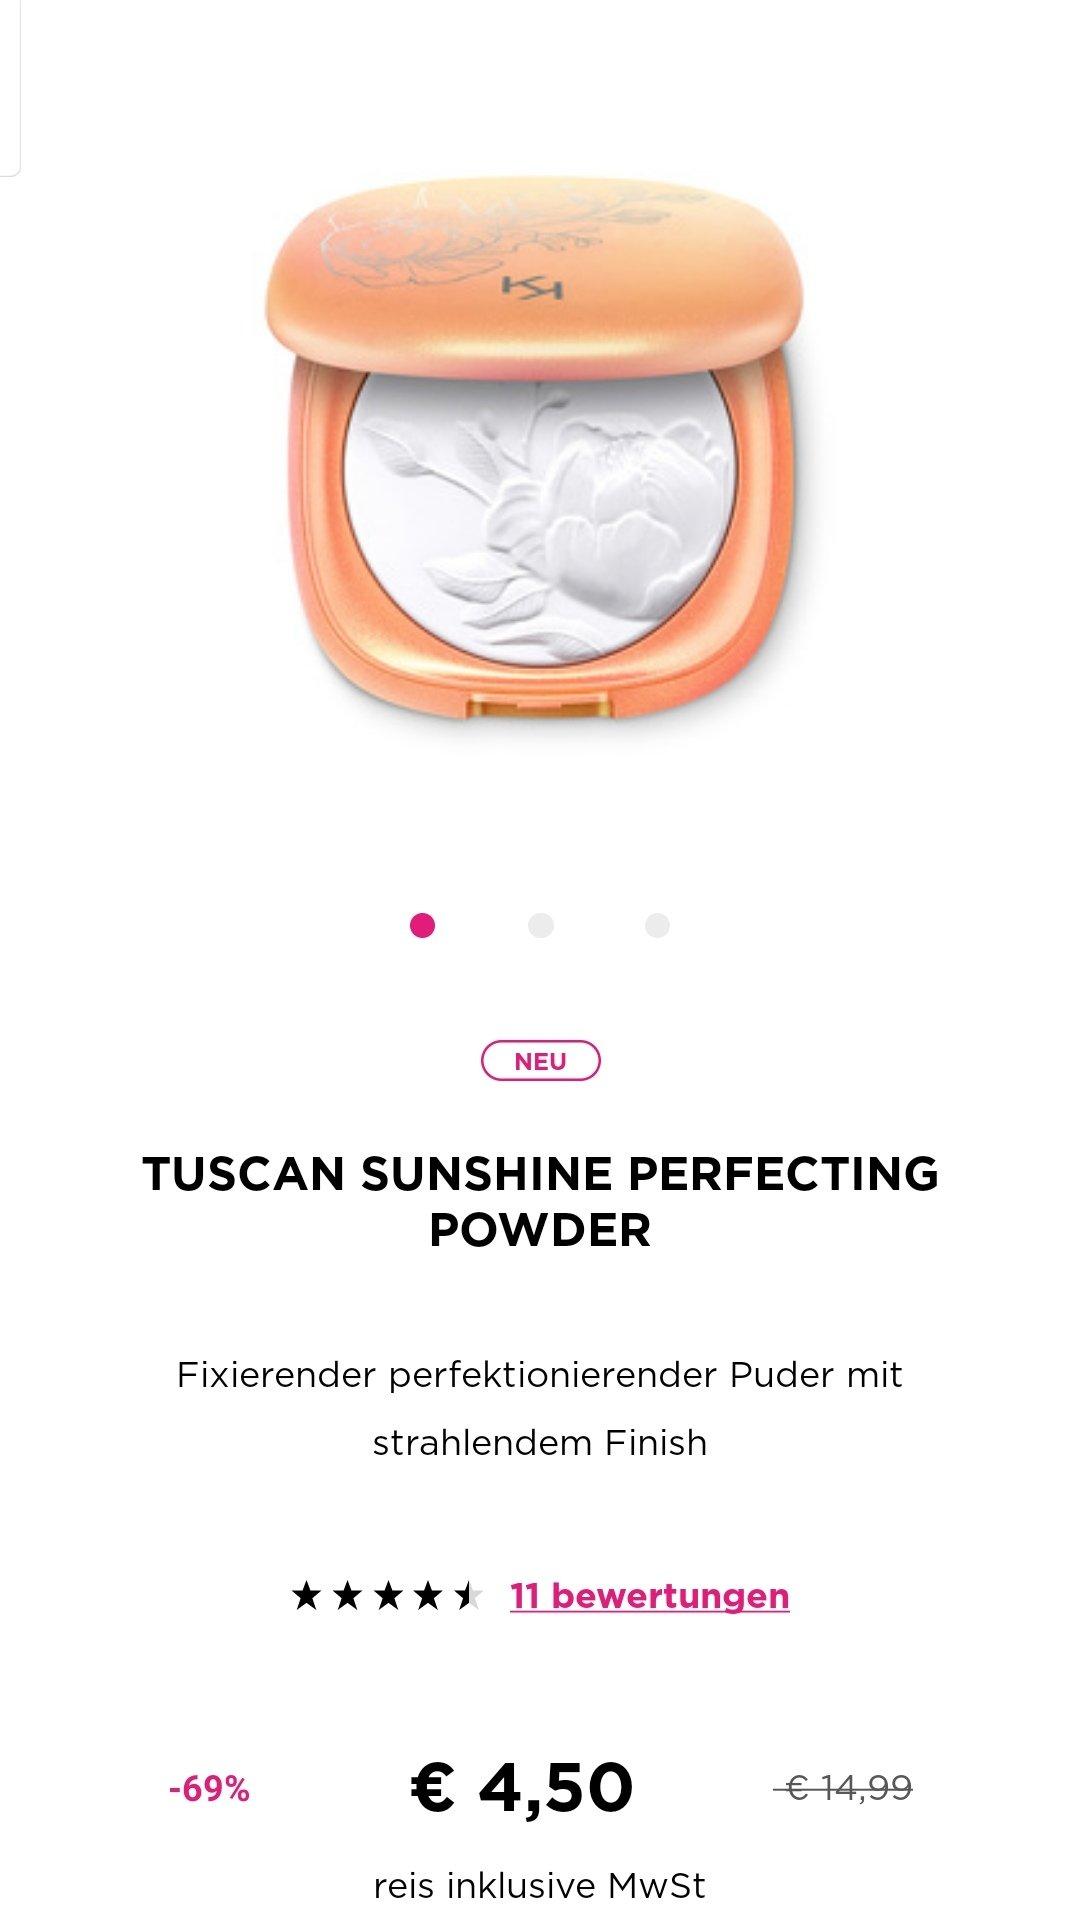 推荐KIKO今春的Tuscan系列,现在超级折扣中!